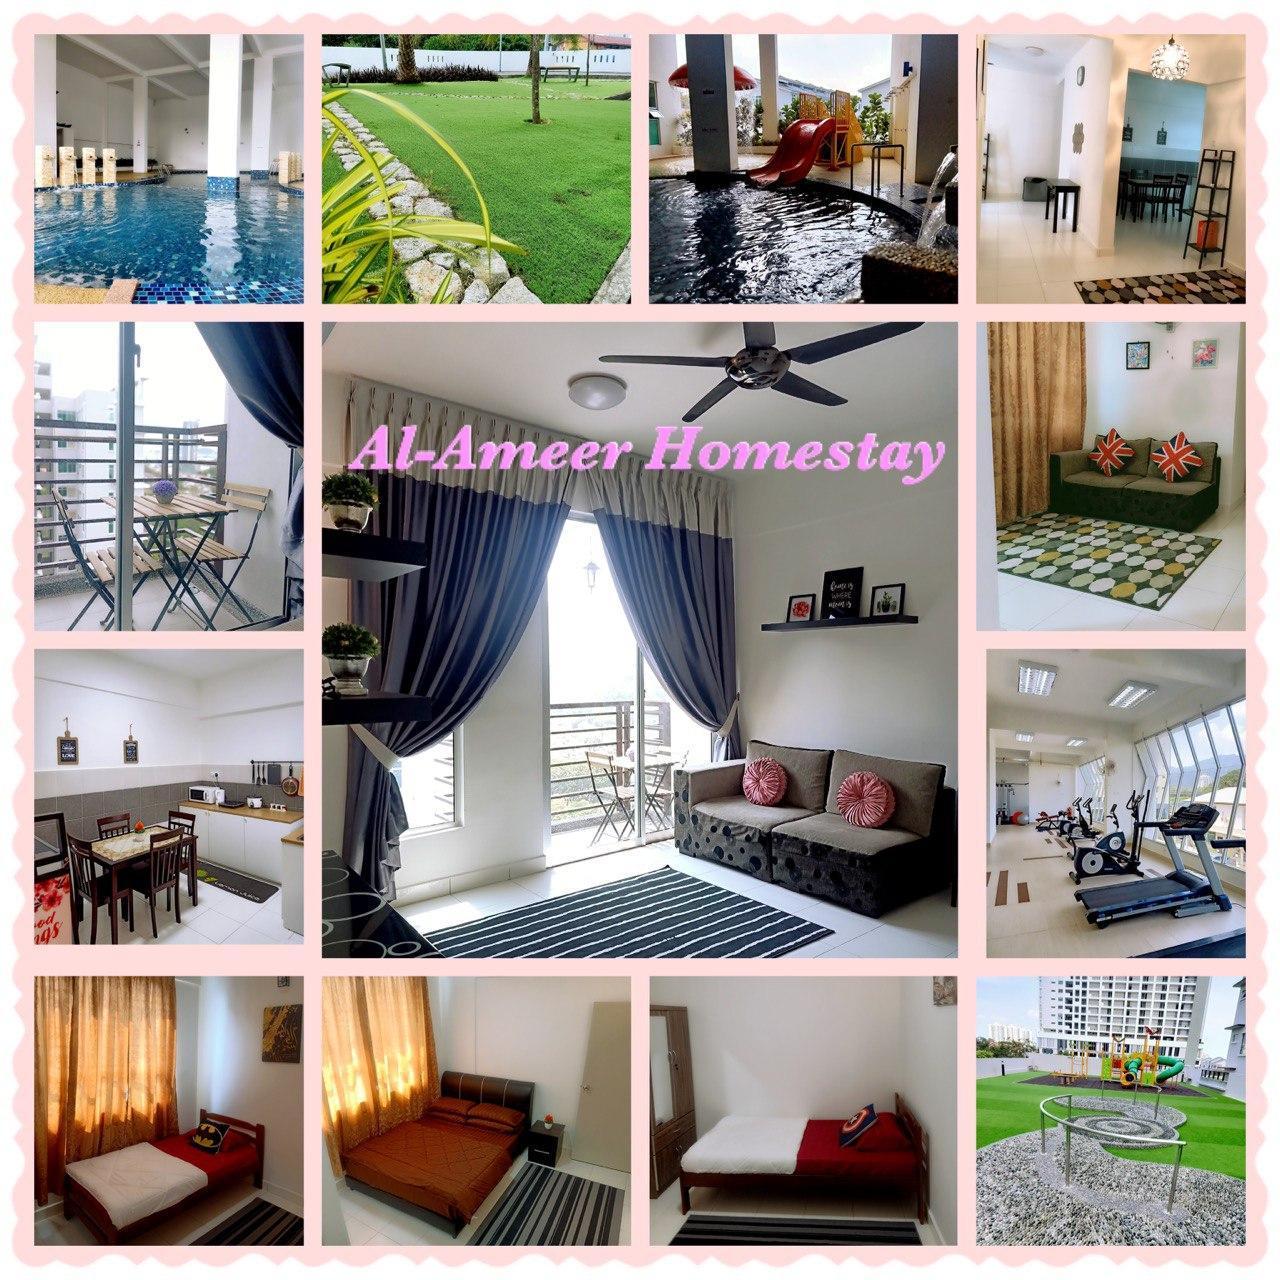 Al Ameer Homestay